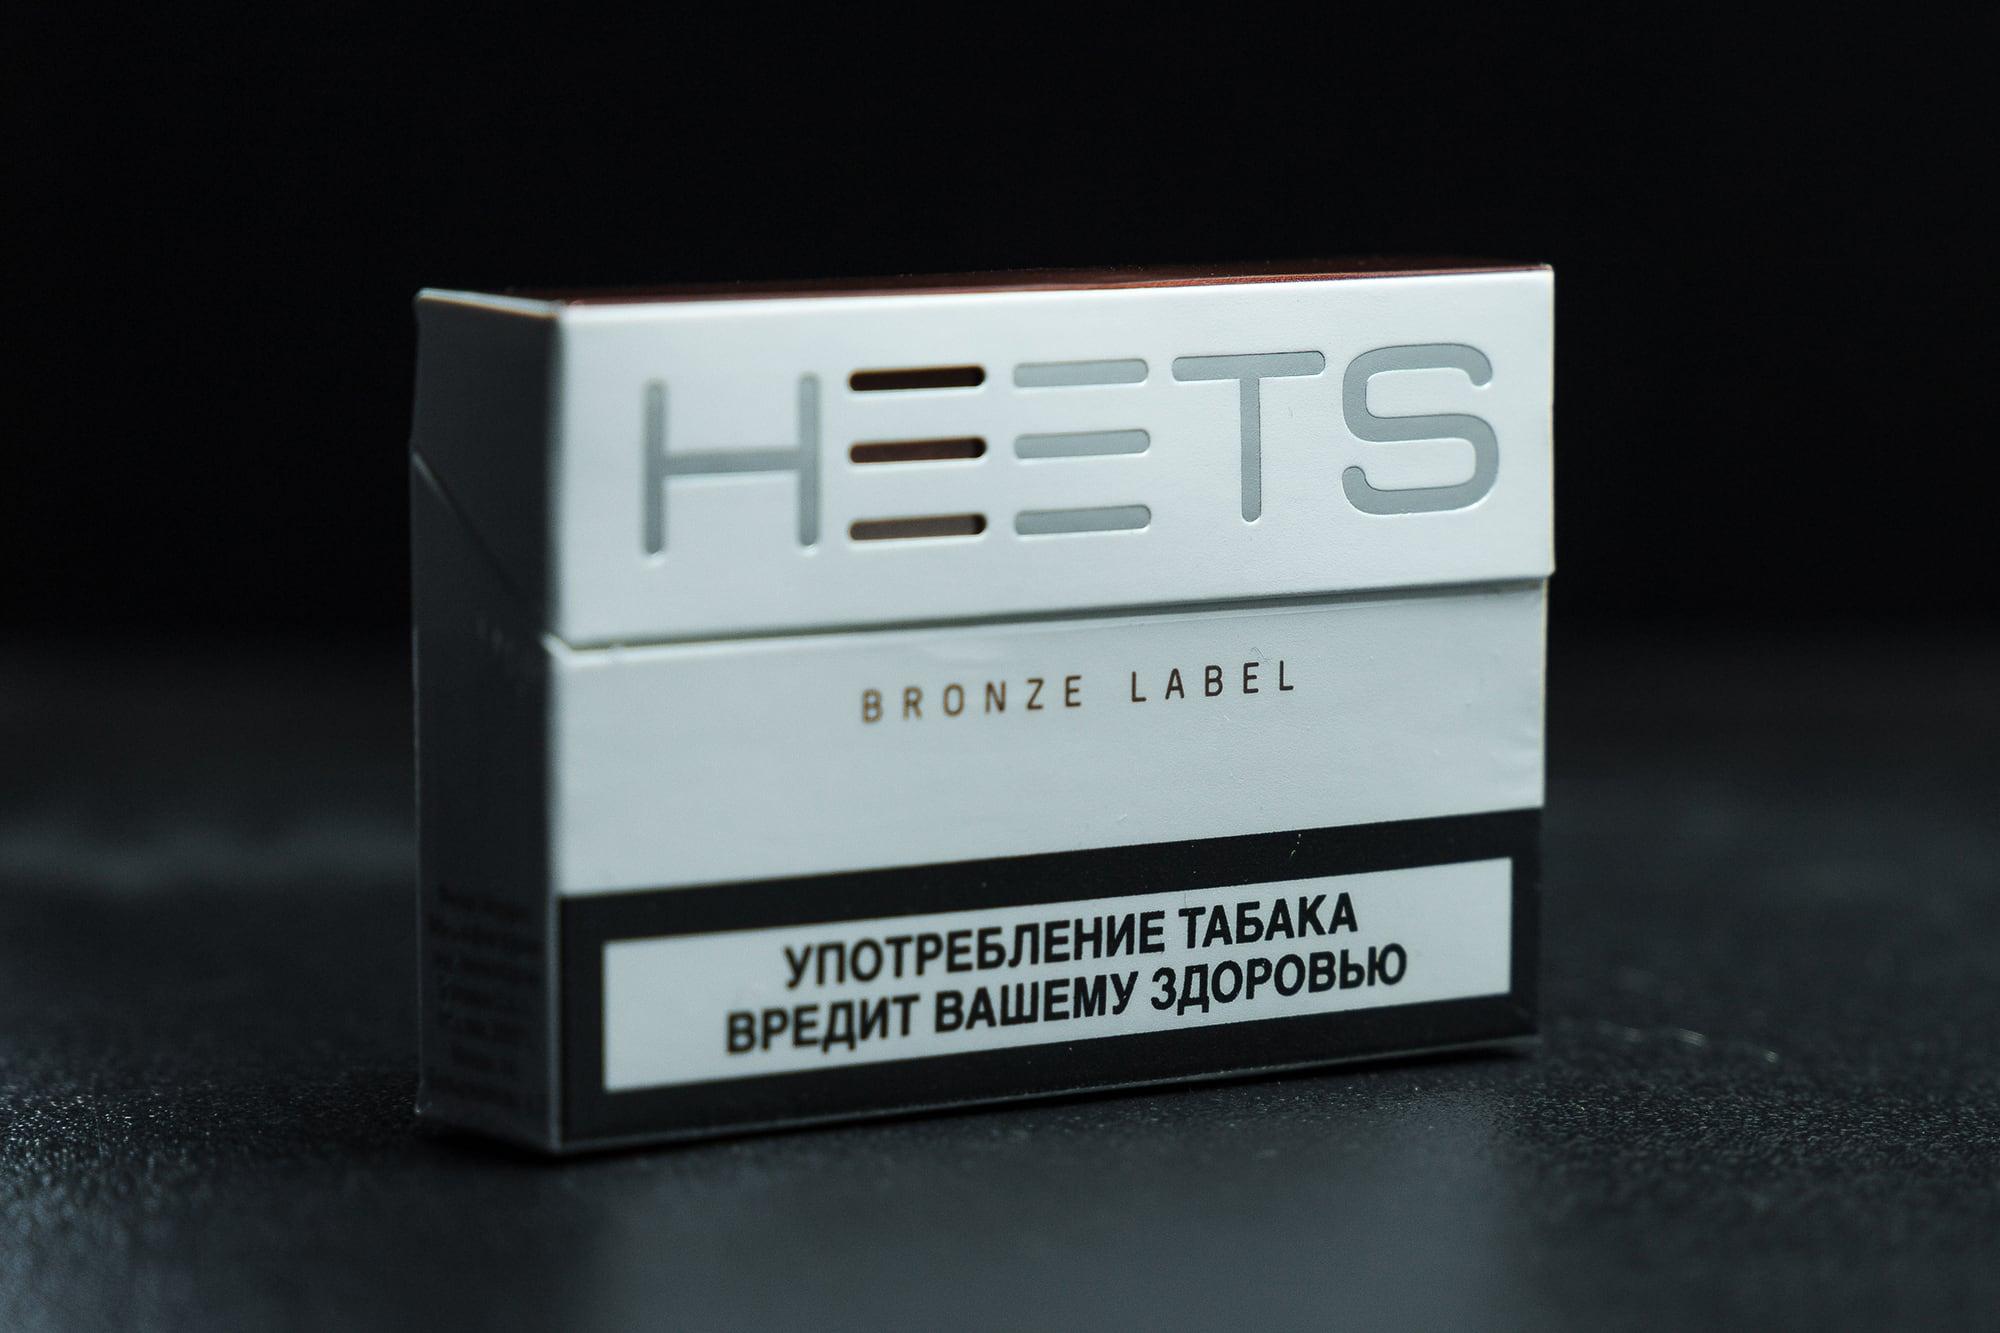 Cтики Iqos Heets Bronze Label